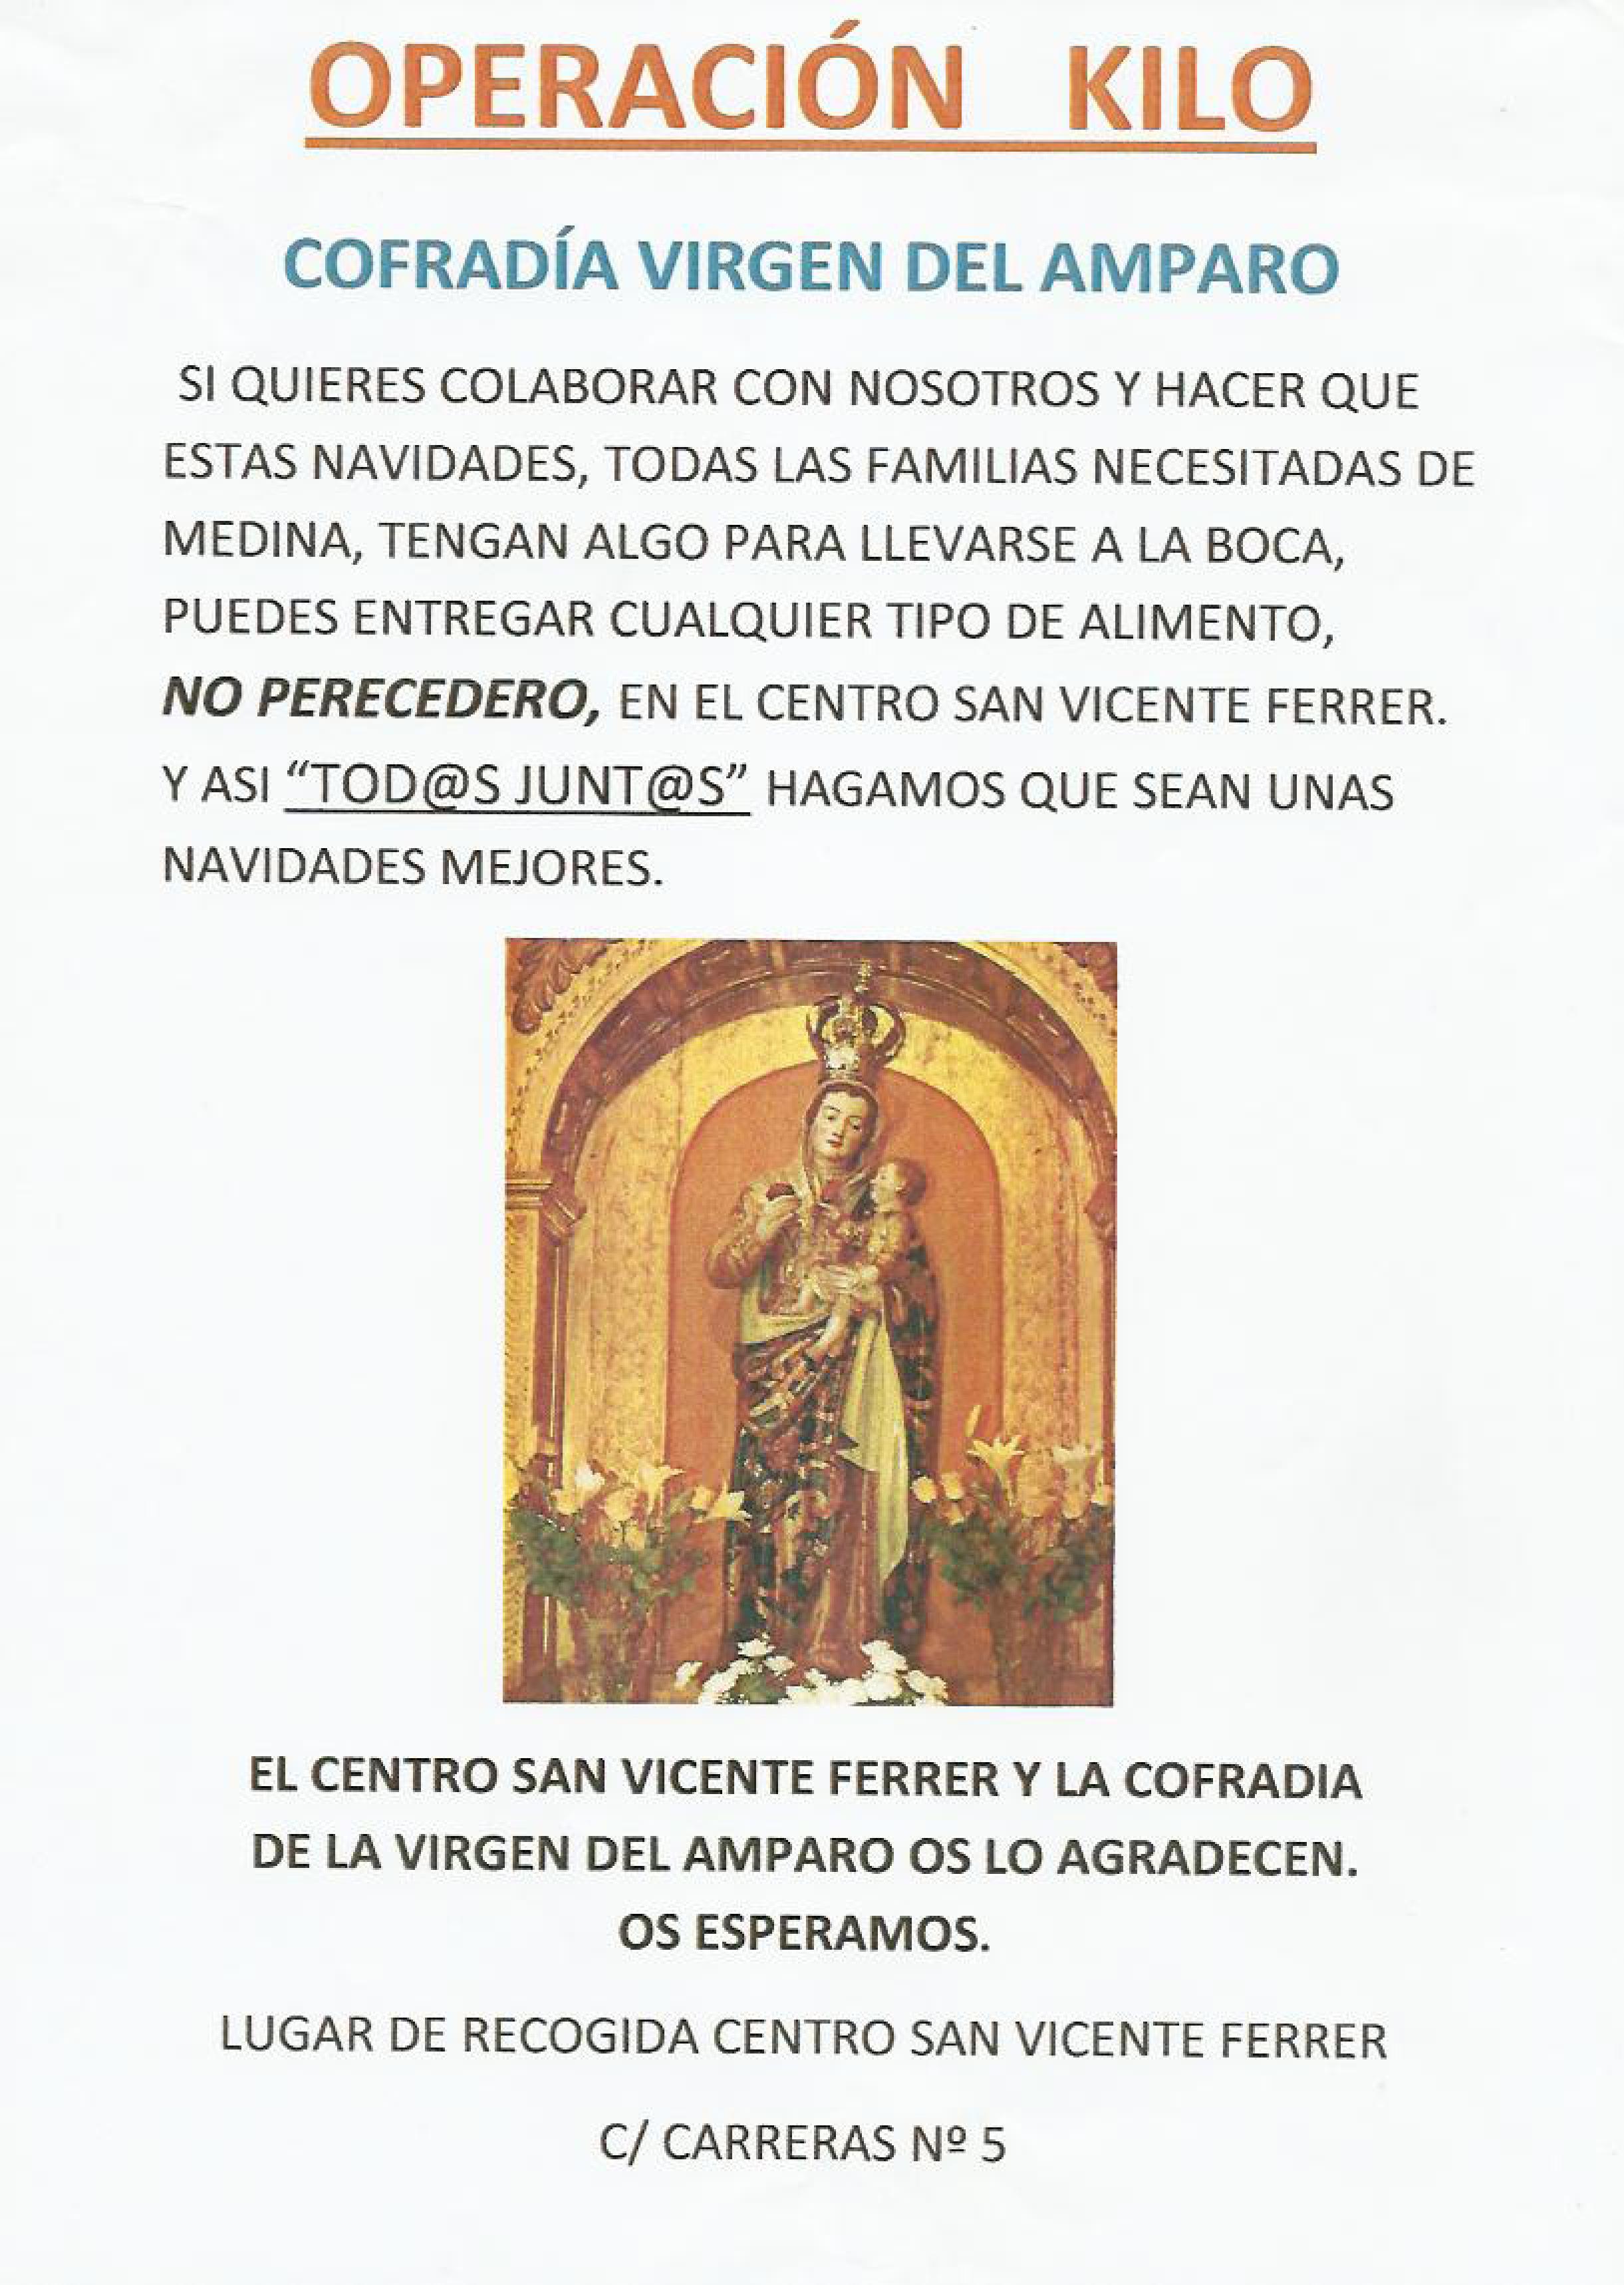 La Cofradía de la Virgen del Amparo Organiza una Operación Kilo